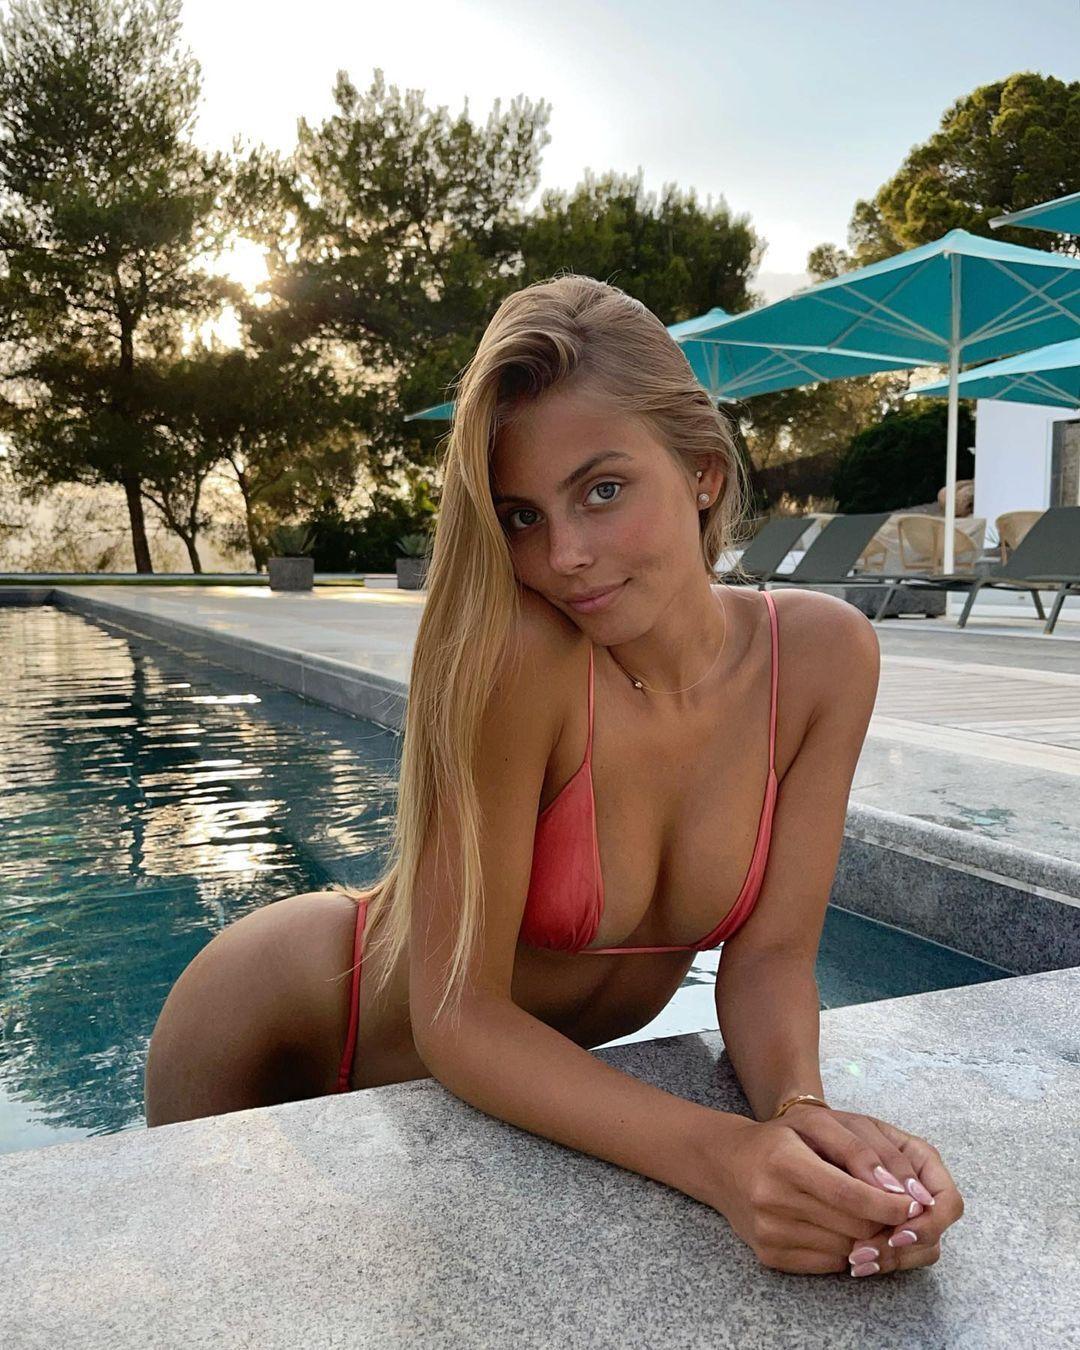 Мишель Герциг вылезла из бассейна